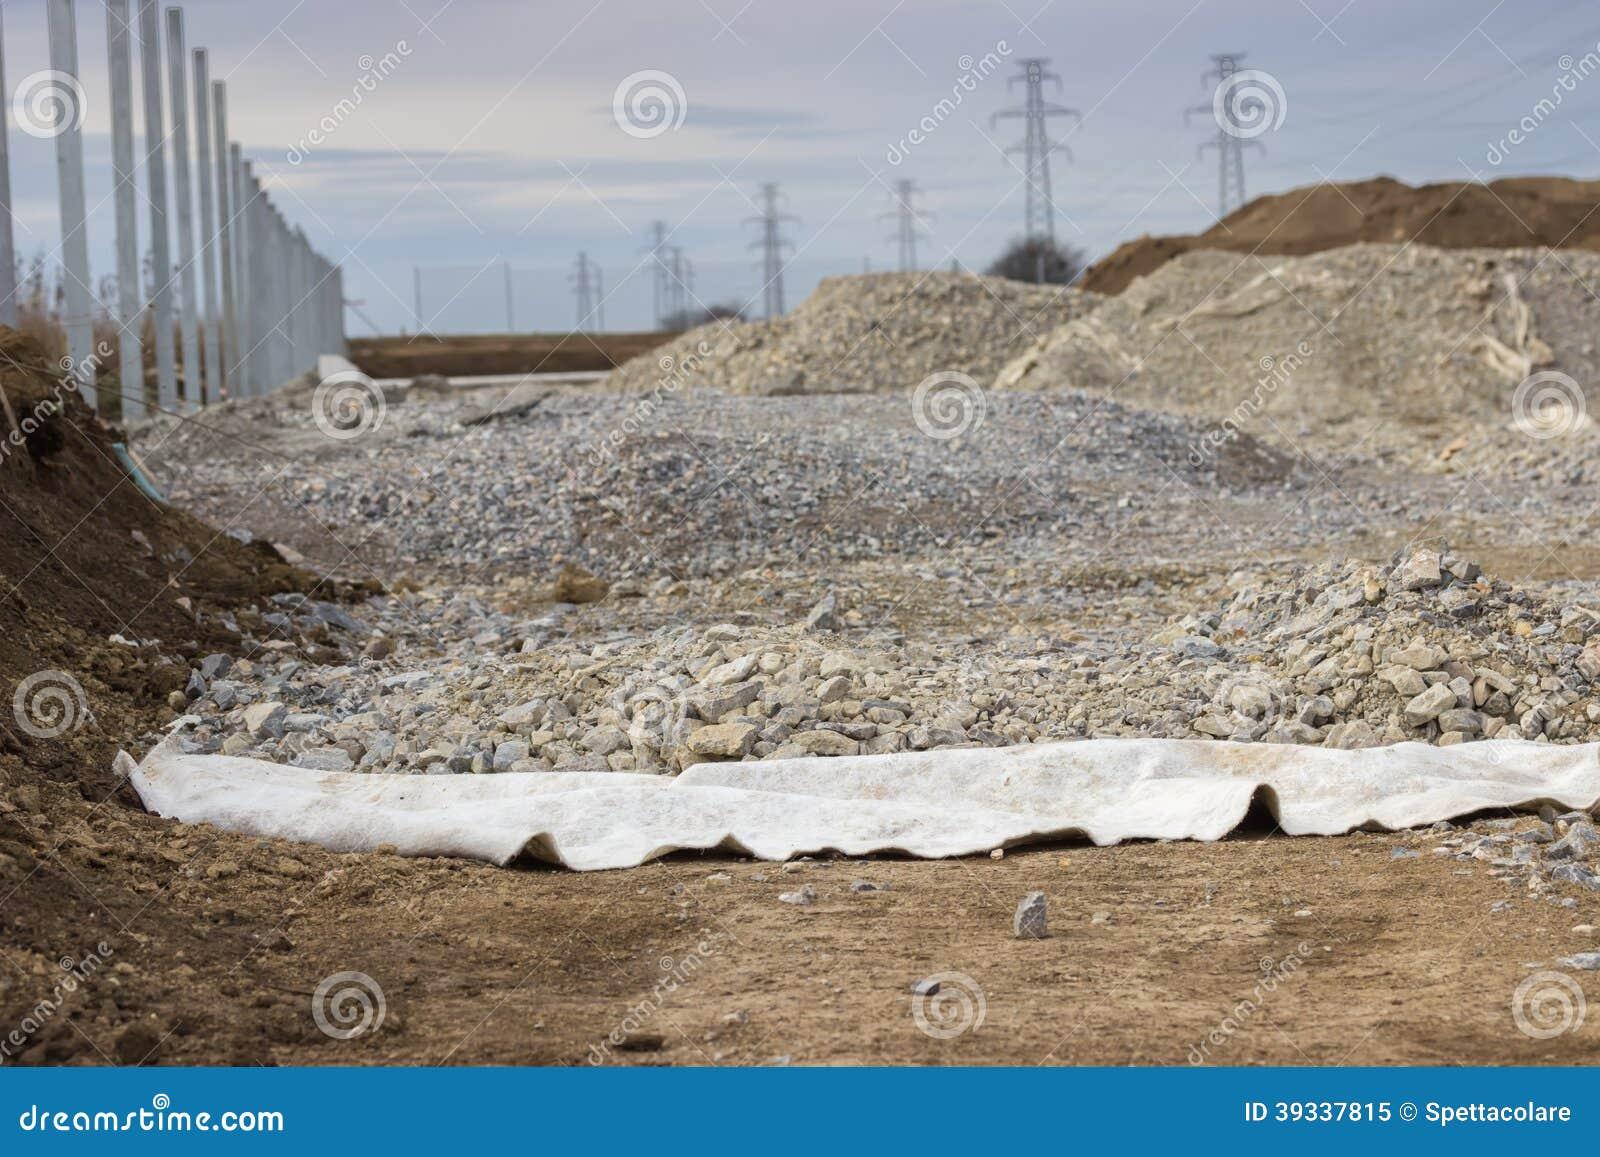 Geotextile dornit 16